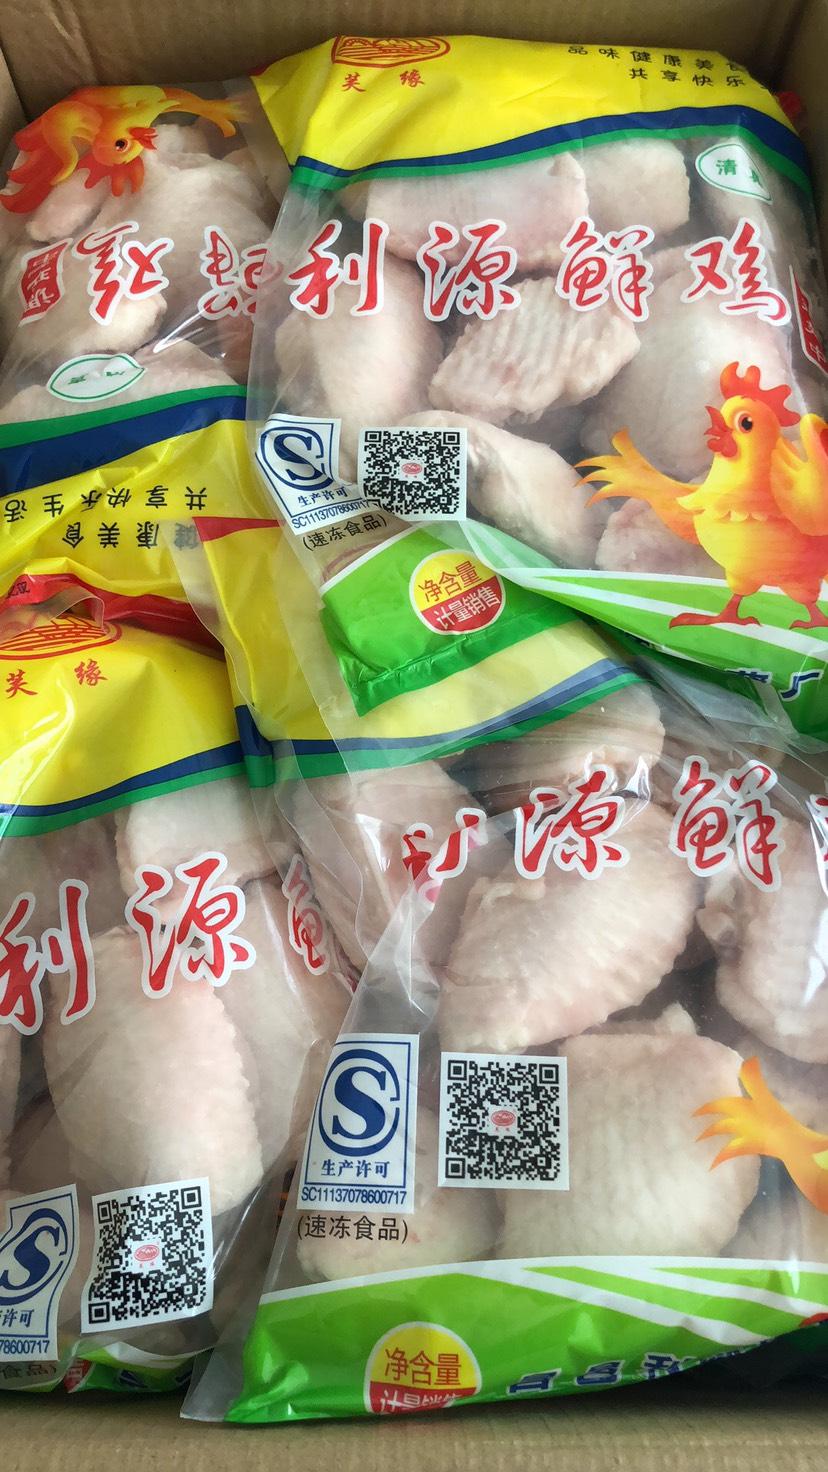 [鸡翅批发]鸡翅价格380元/件